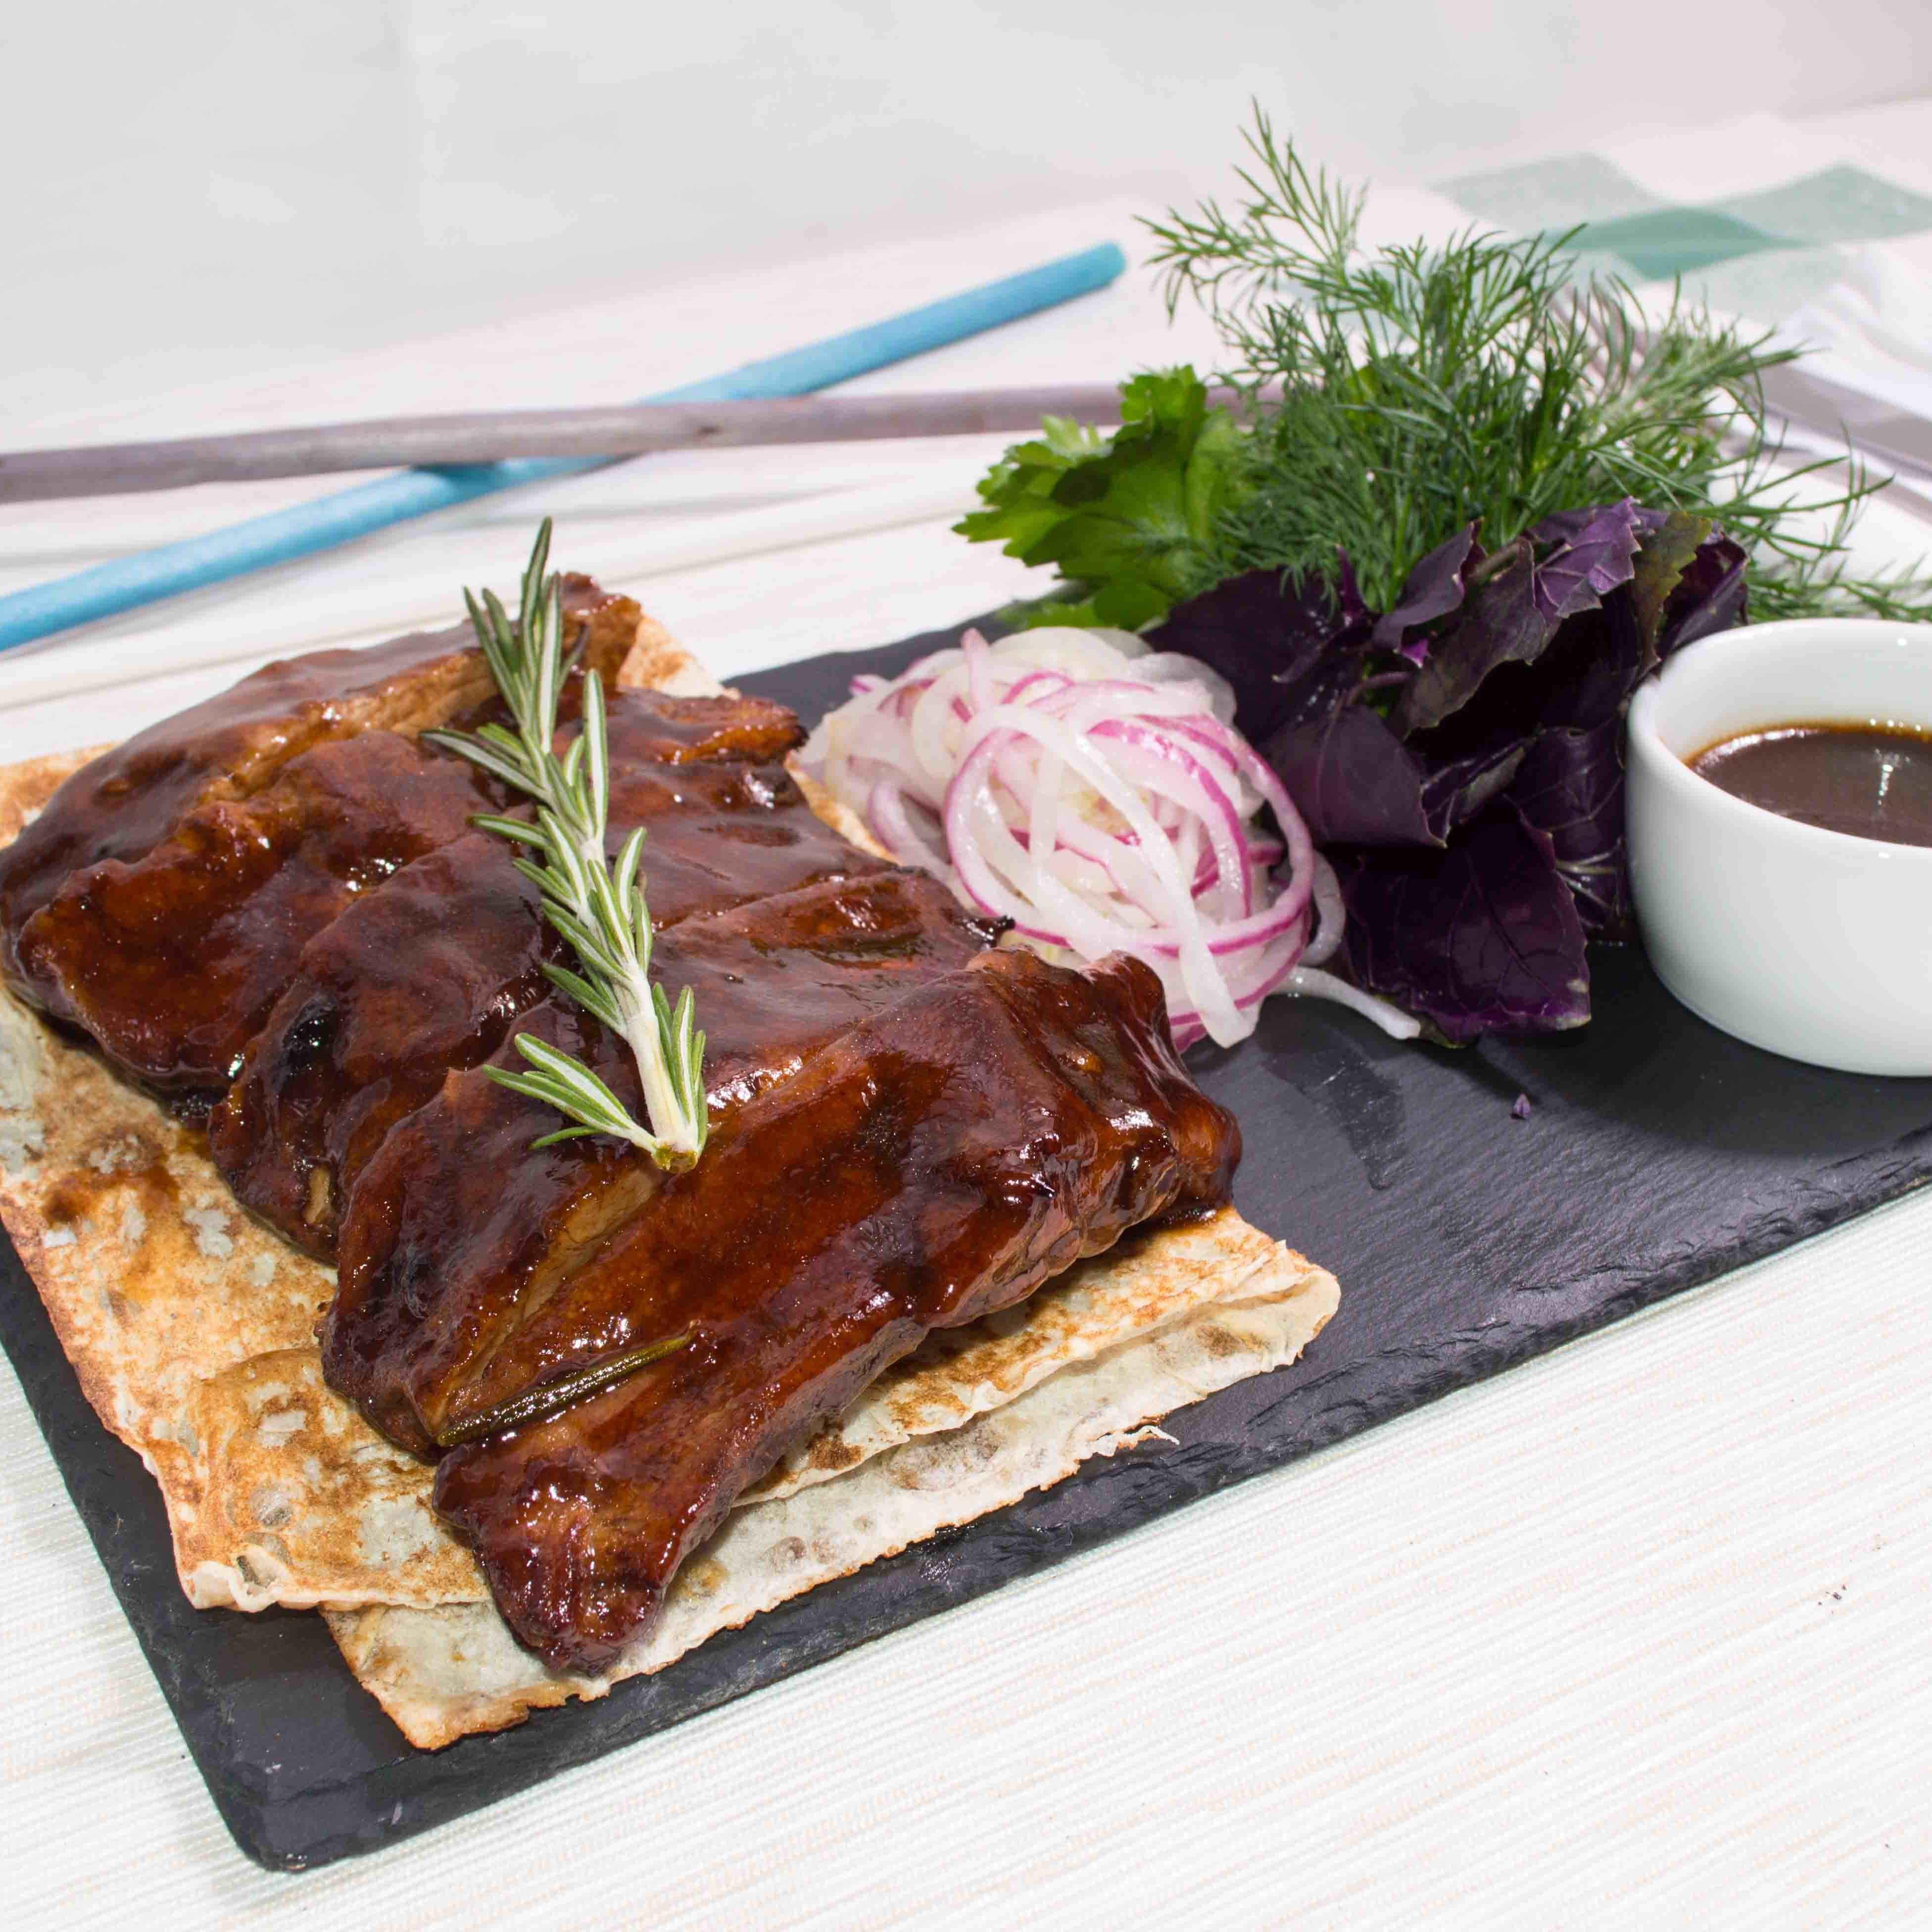 салат из цветной капусты рецепты быстро и вкусно